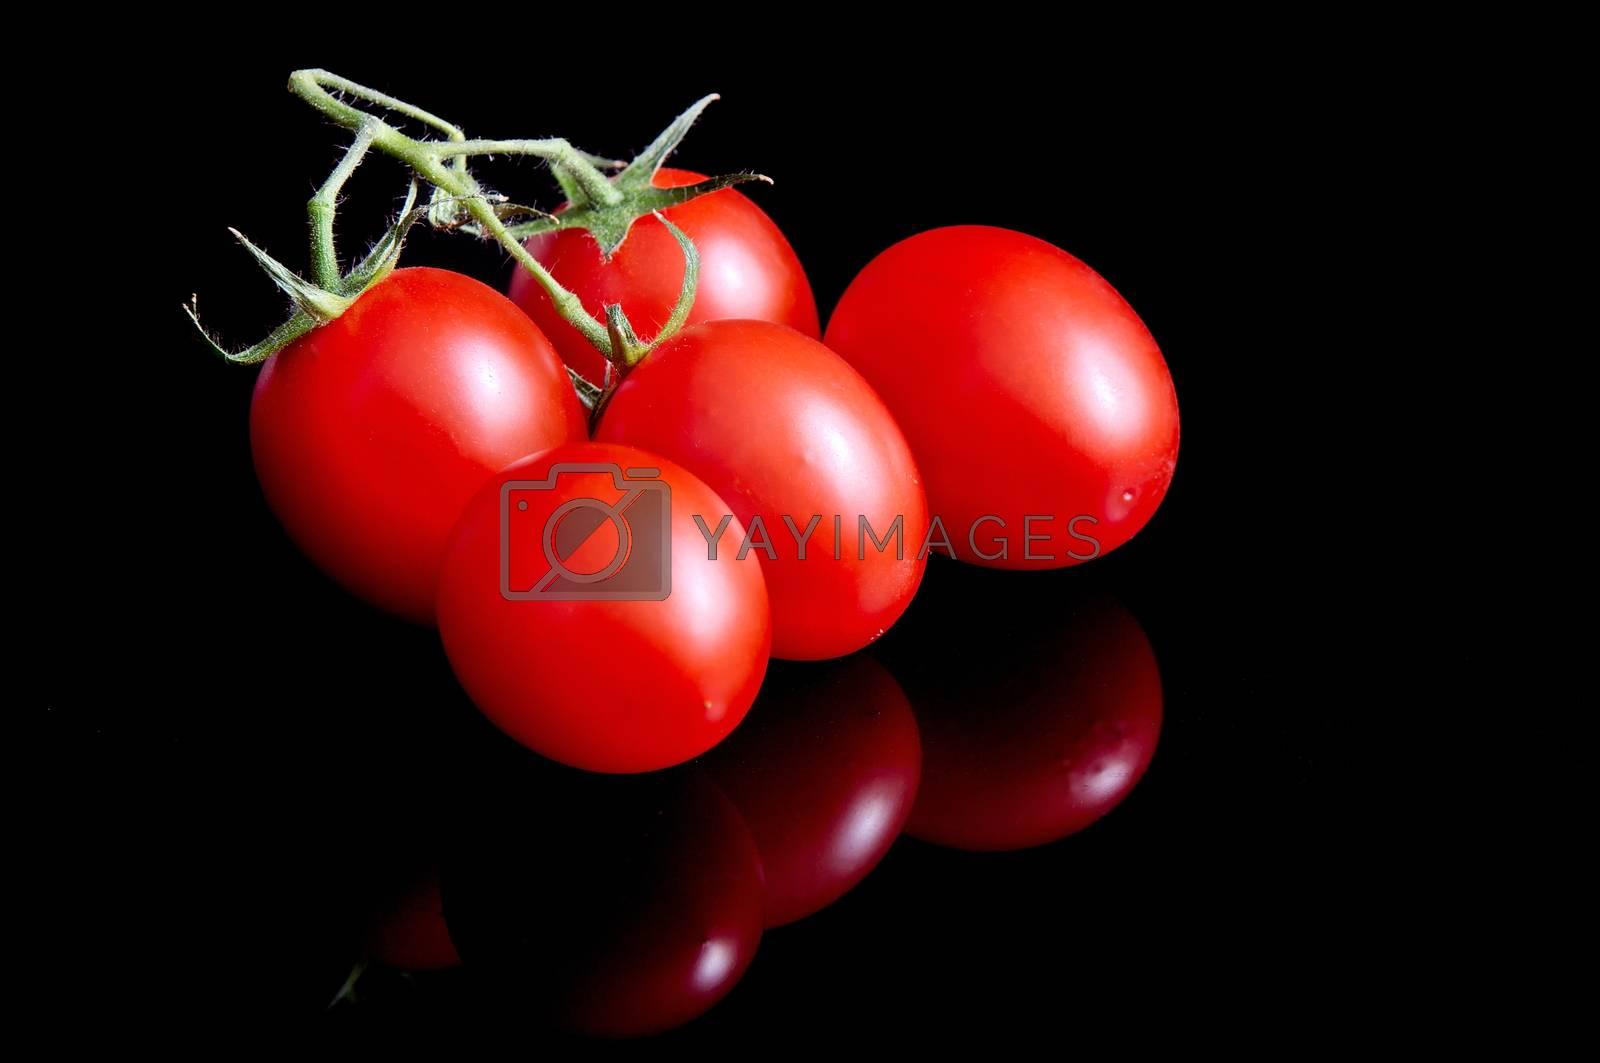 Tomatoes on black